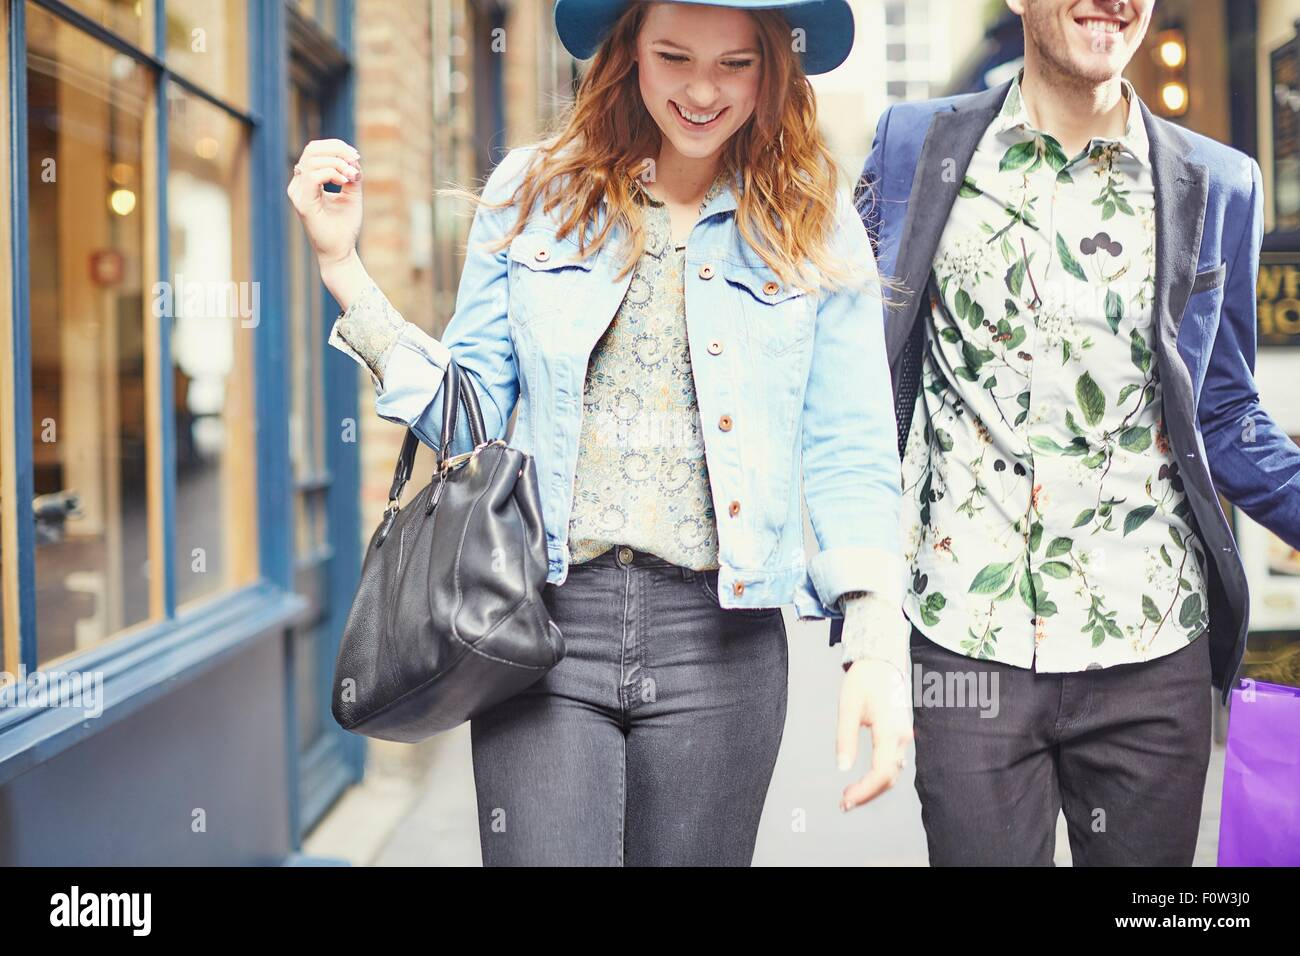 Vista ritagliata della coppia elegante da shopping di Londra, Regno Unito Immagini Stock